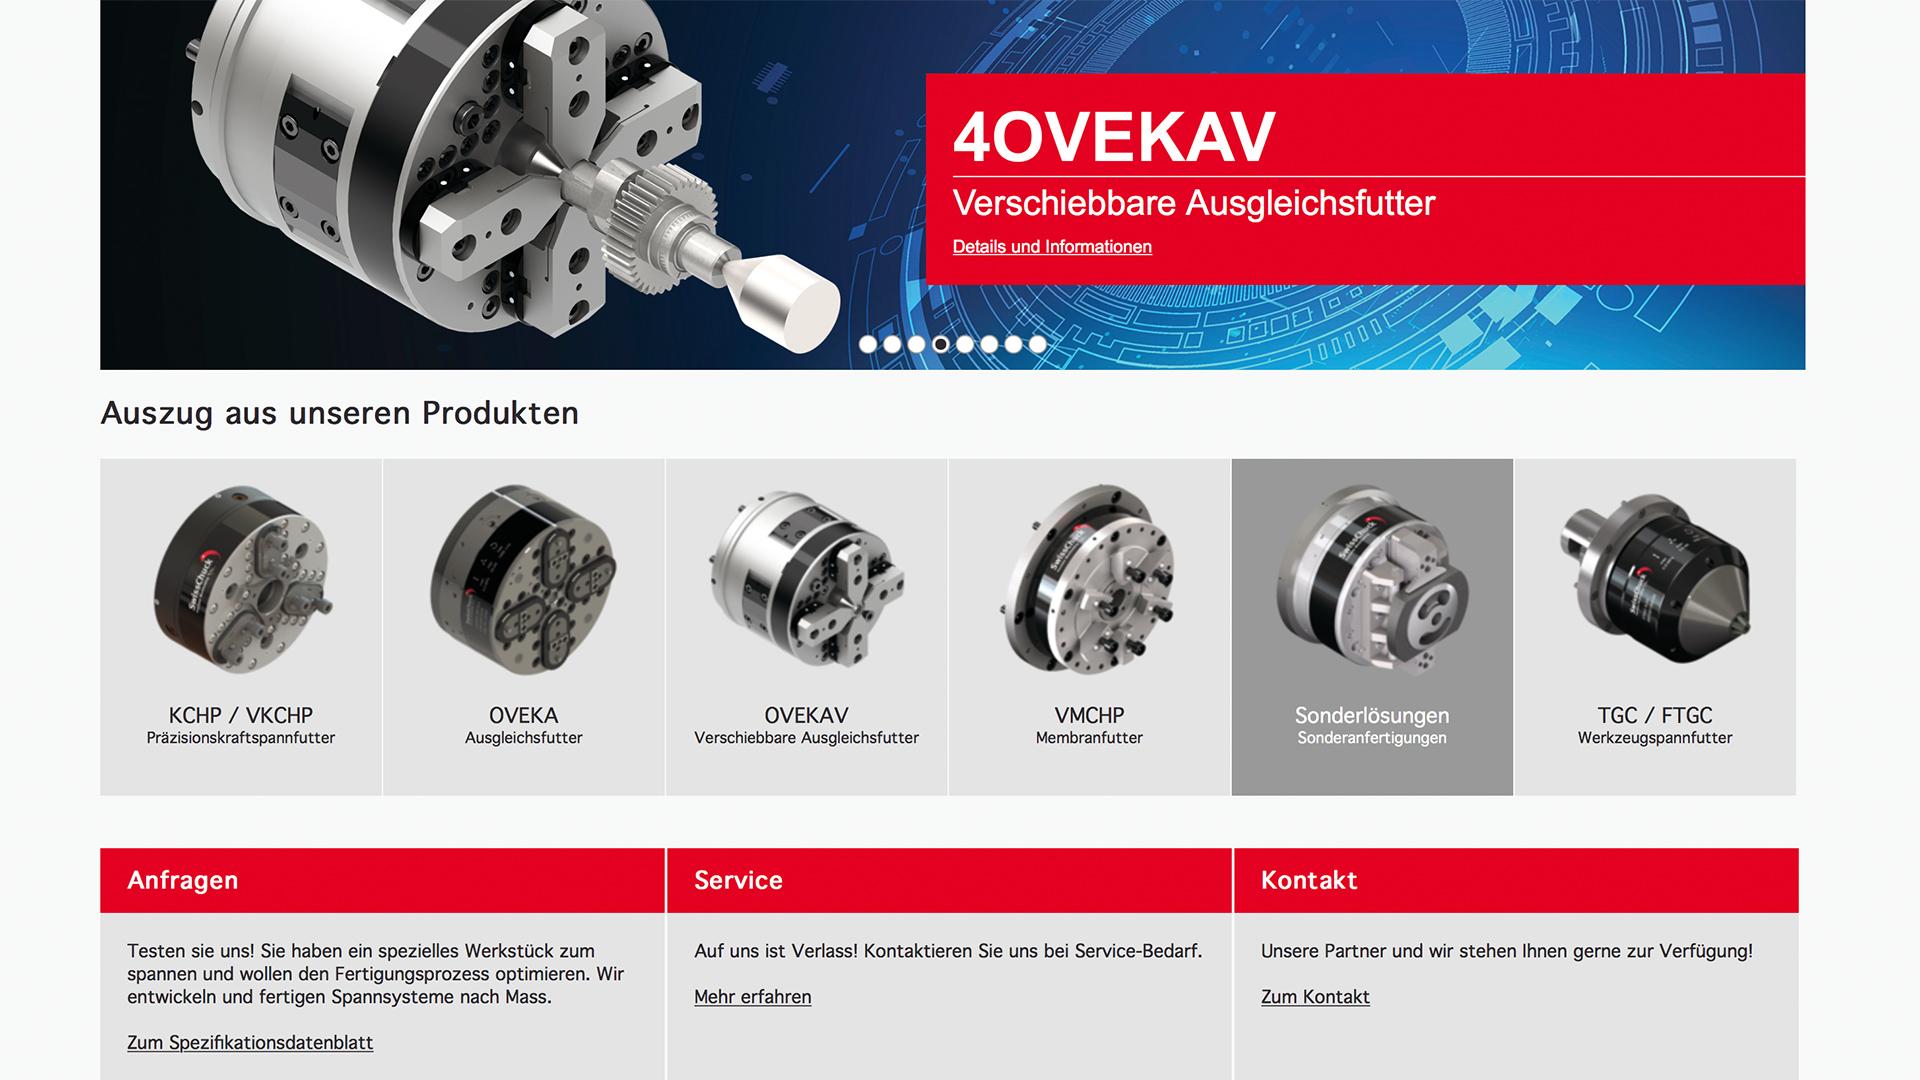 Bild 2 vom SwissChuck AG, Frontseite